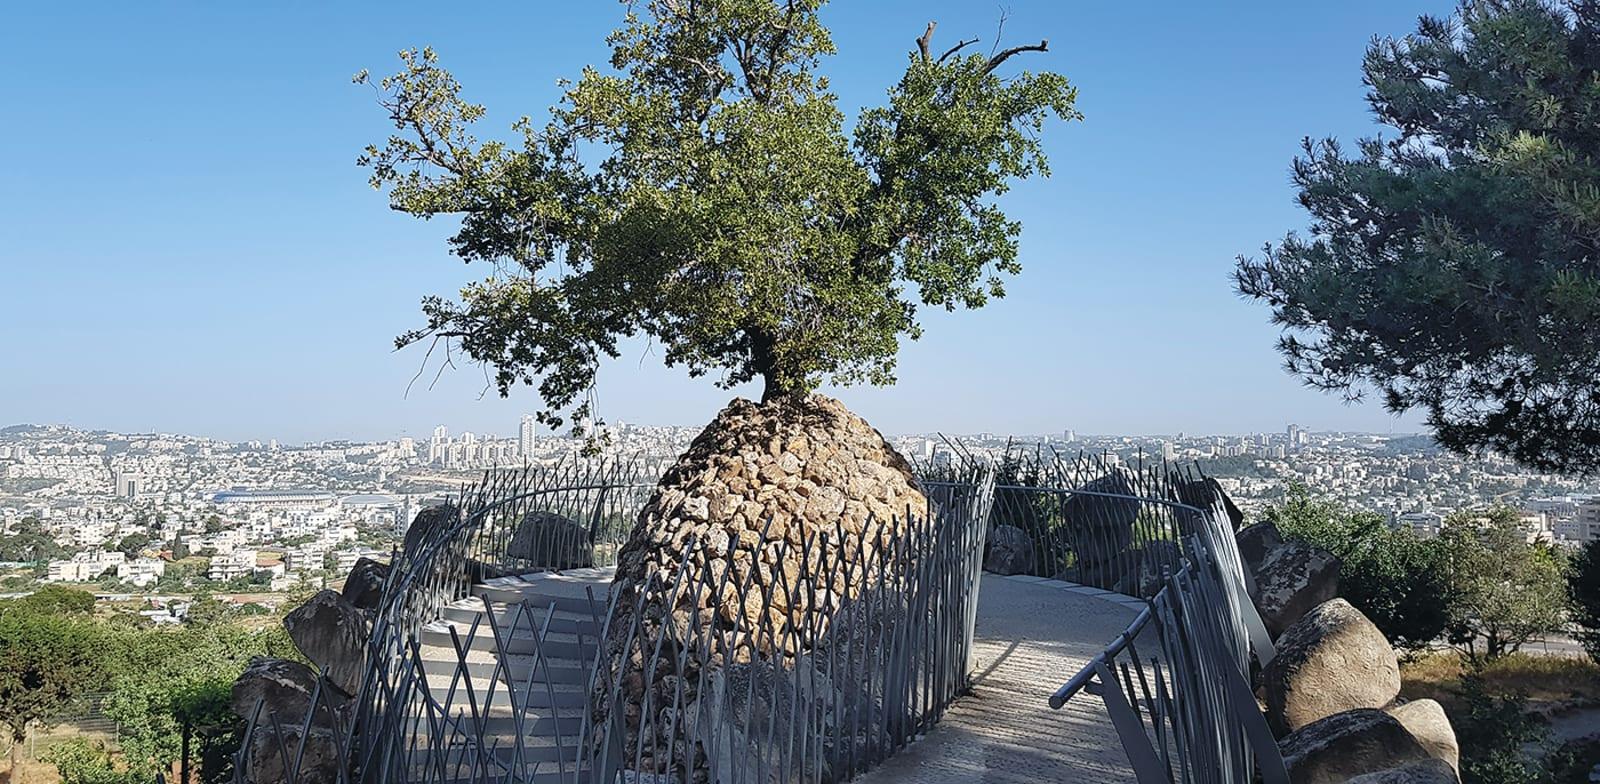 הפרויקט הפיסולי בשילוב צמחים של דן מורין / צילום: אורלי גנוסר